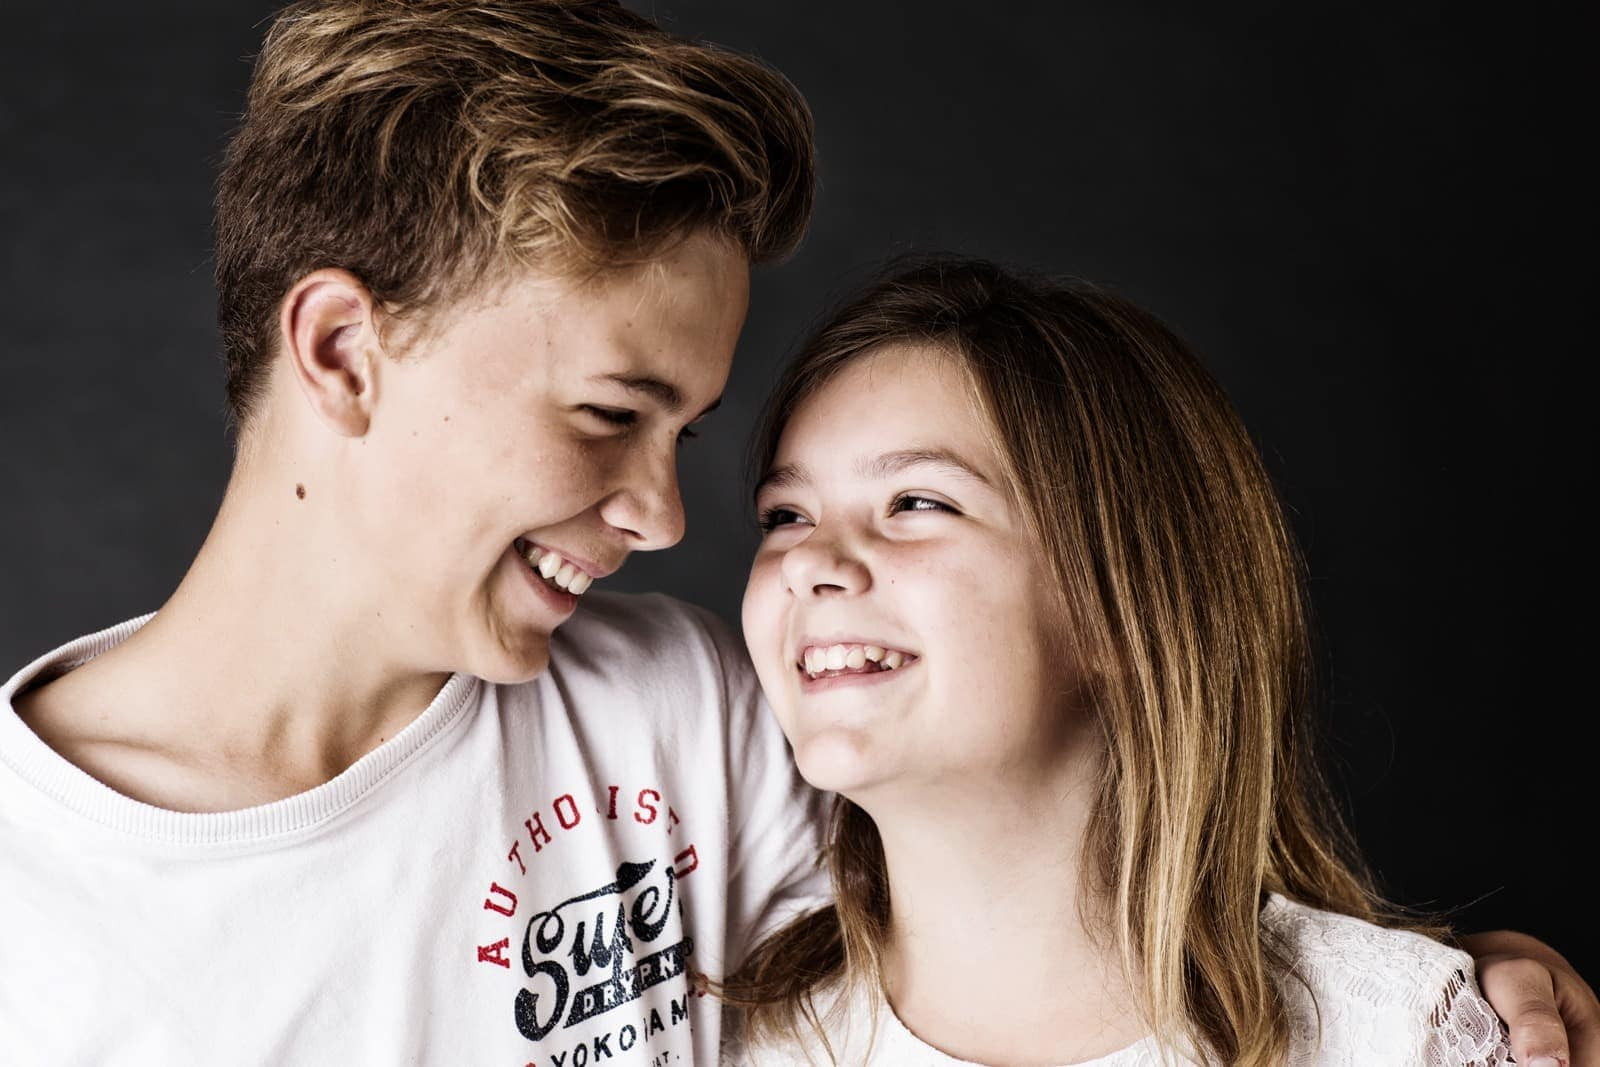 Billeder af børn - Lyngby